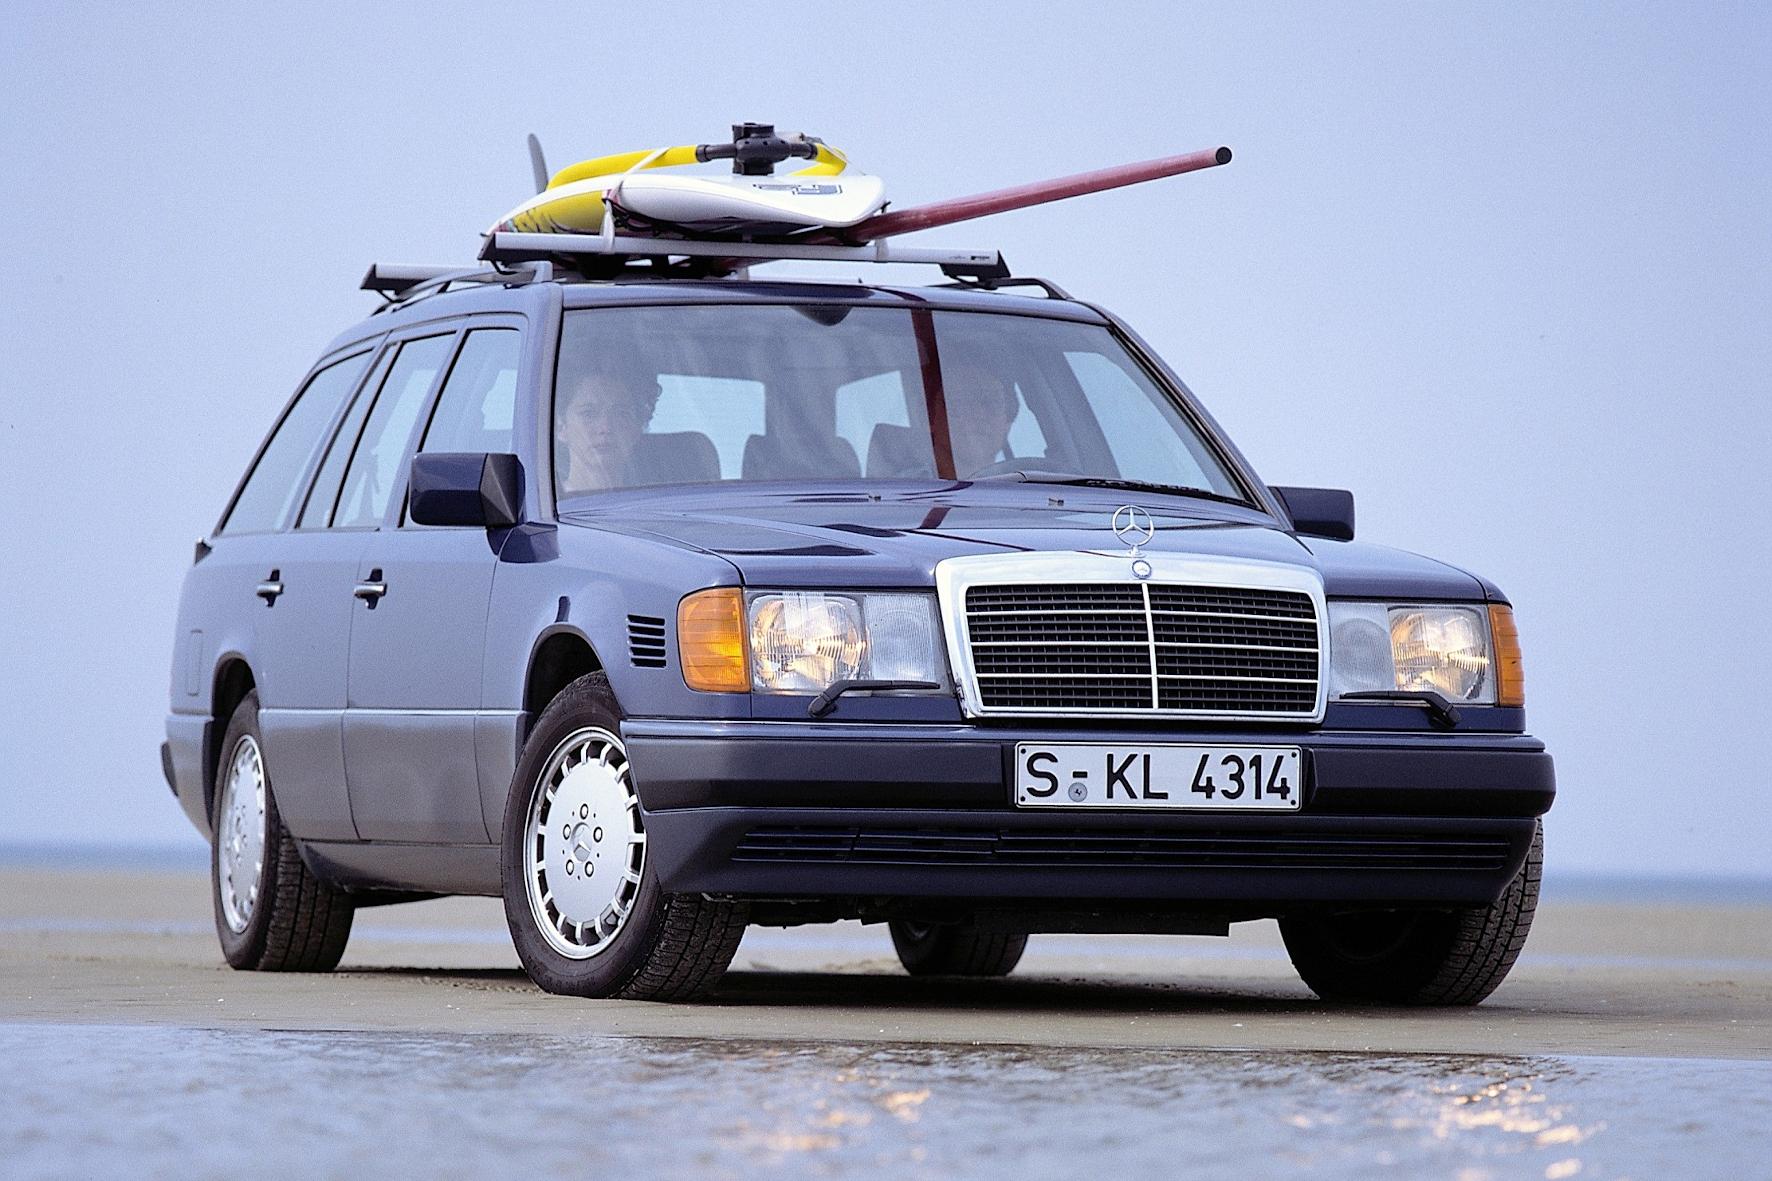 mid Groß-Gerau - Ein Mercedes-Benz T-Modell der Baureihe 124. Ab 1990 wird der 250 TD für den Export nach Italien produziert. Daimler